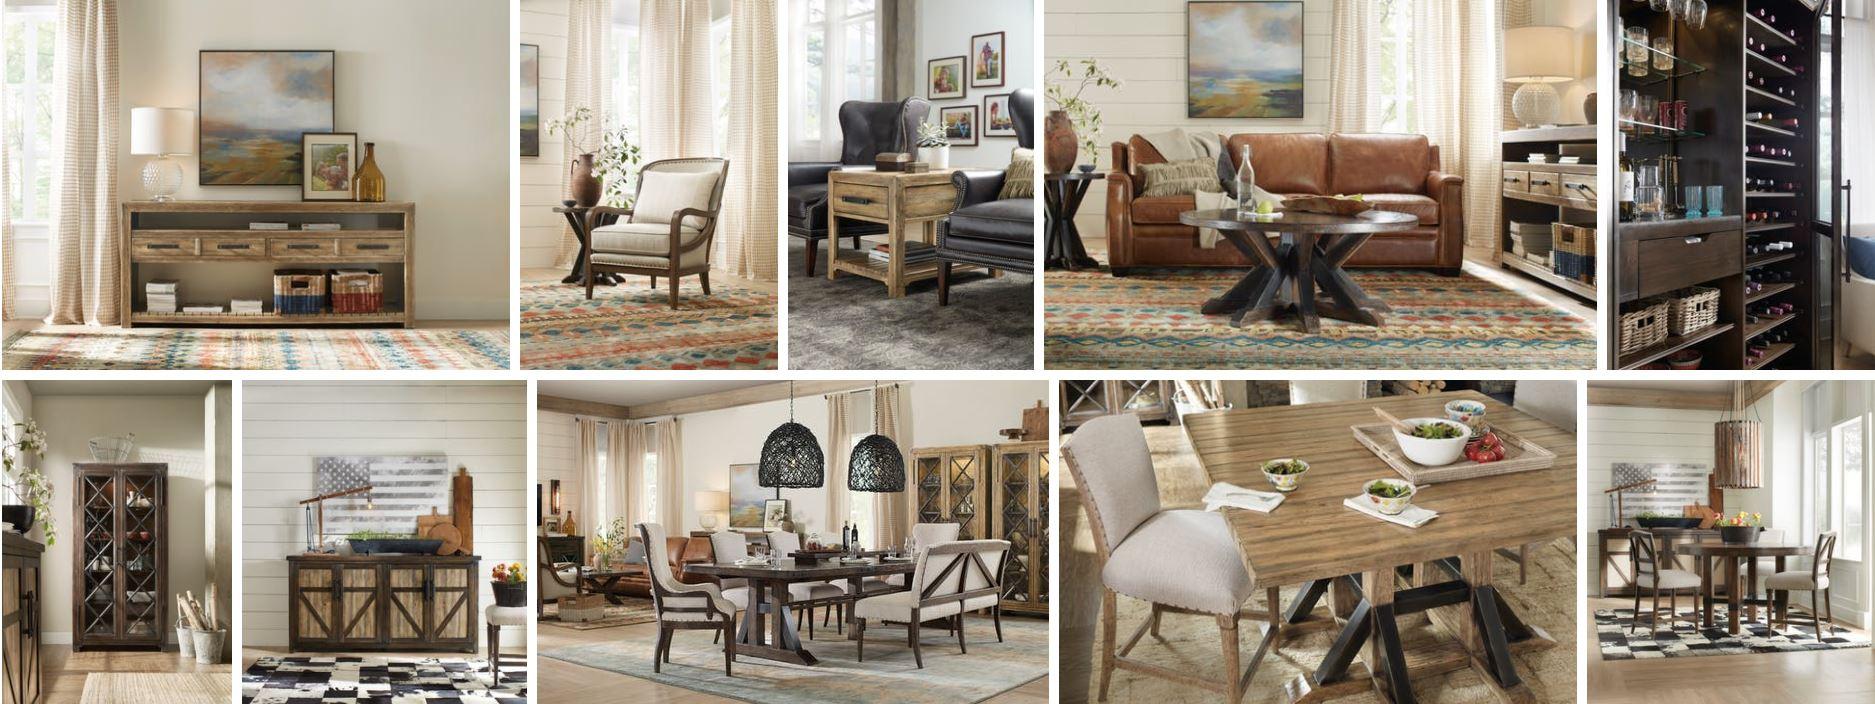 deep creek lake vacation rental lodging furniture art store retail